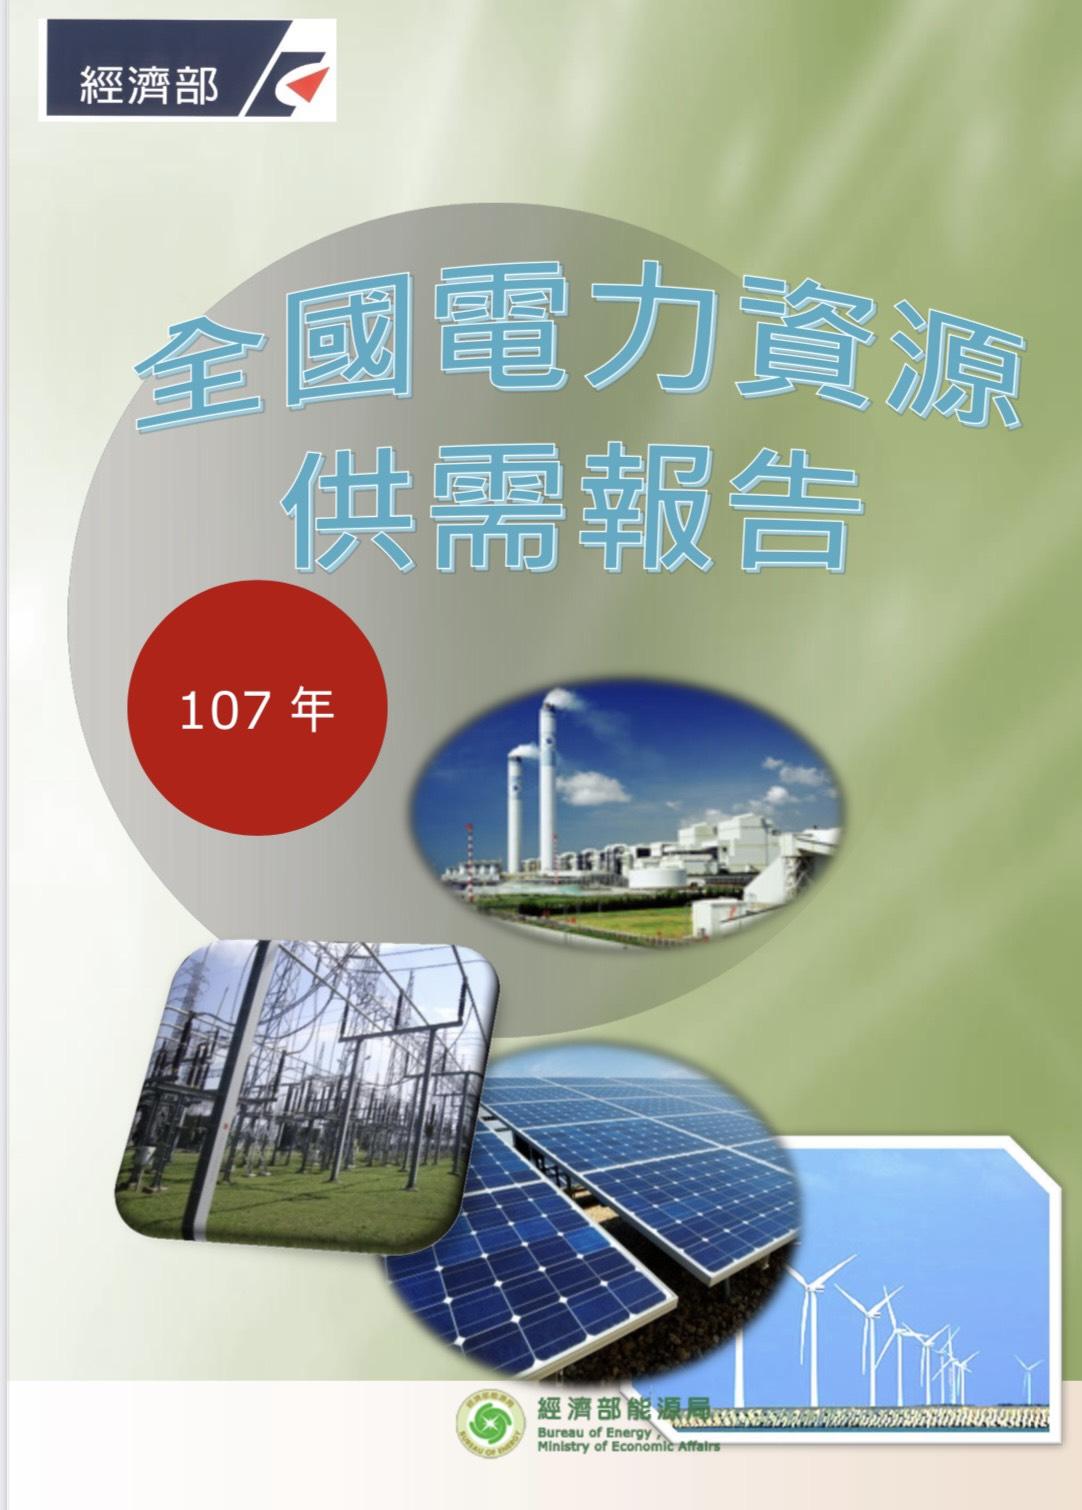 【李敏觀點】中華核能學會的立場:非核不可